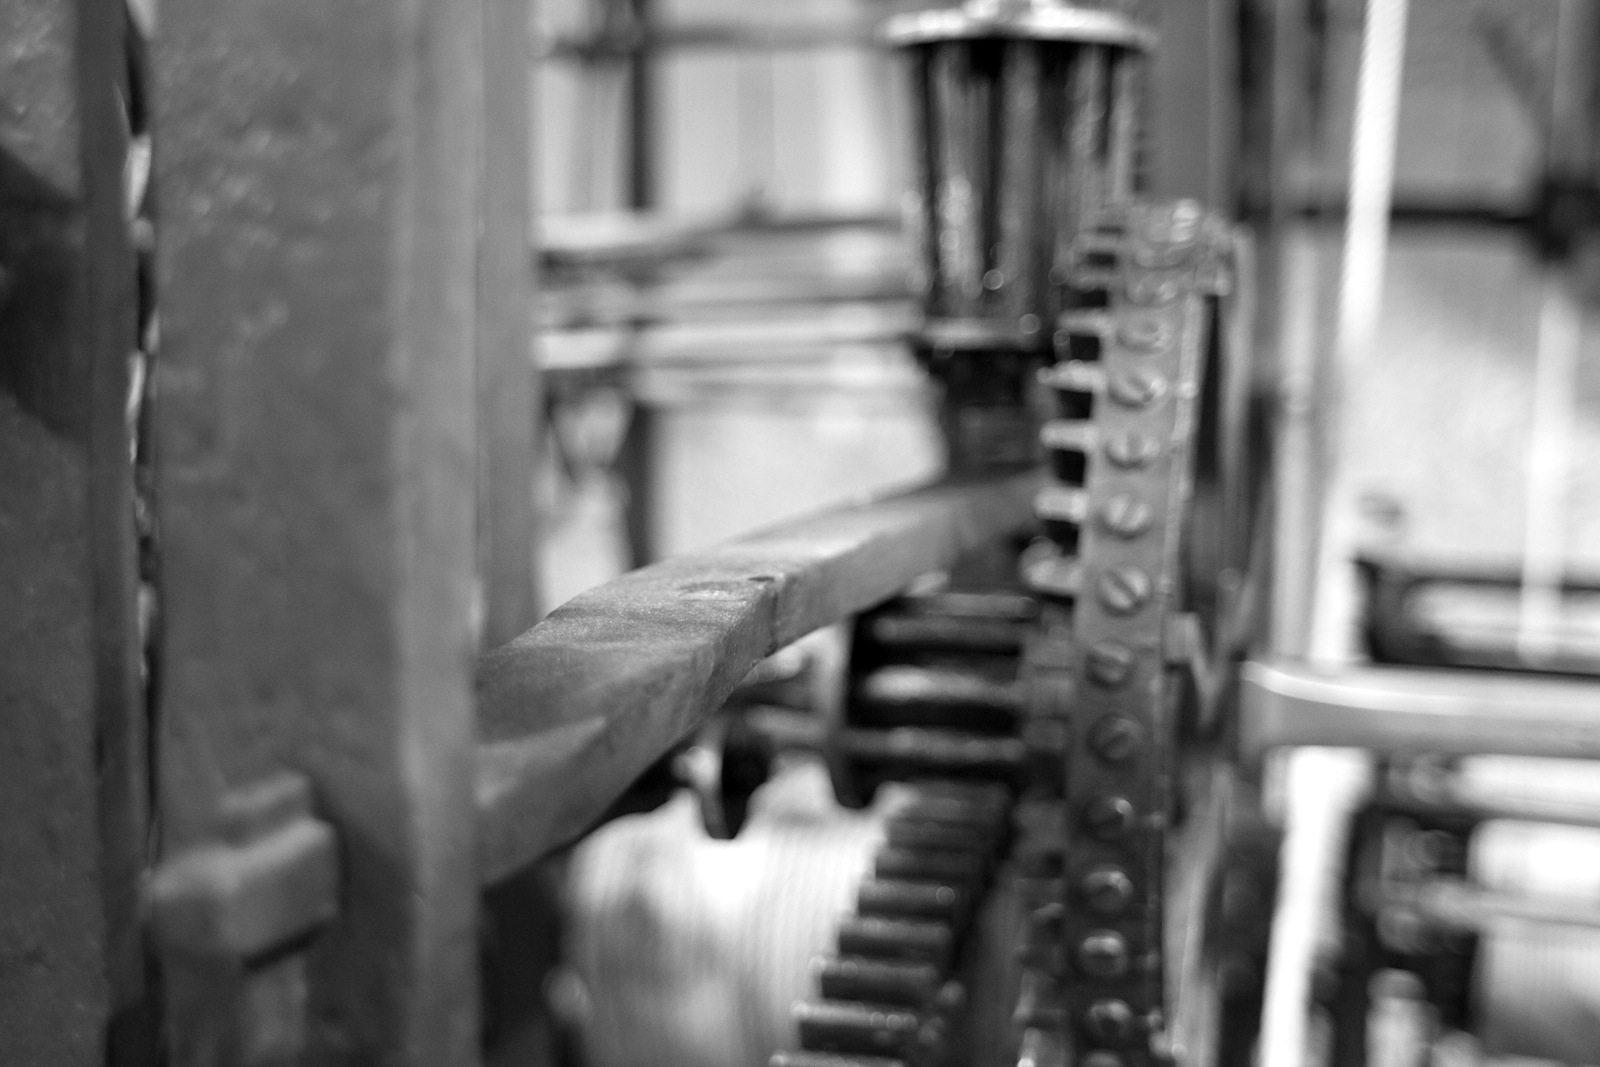 Gehwerk. Von der Stundenachse des Gehwerks aus werden die Zeiger über den beiden grossen oberen 12-Stunden-Zifferblättern und die Astrolabiumsuhr angetrieben.